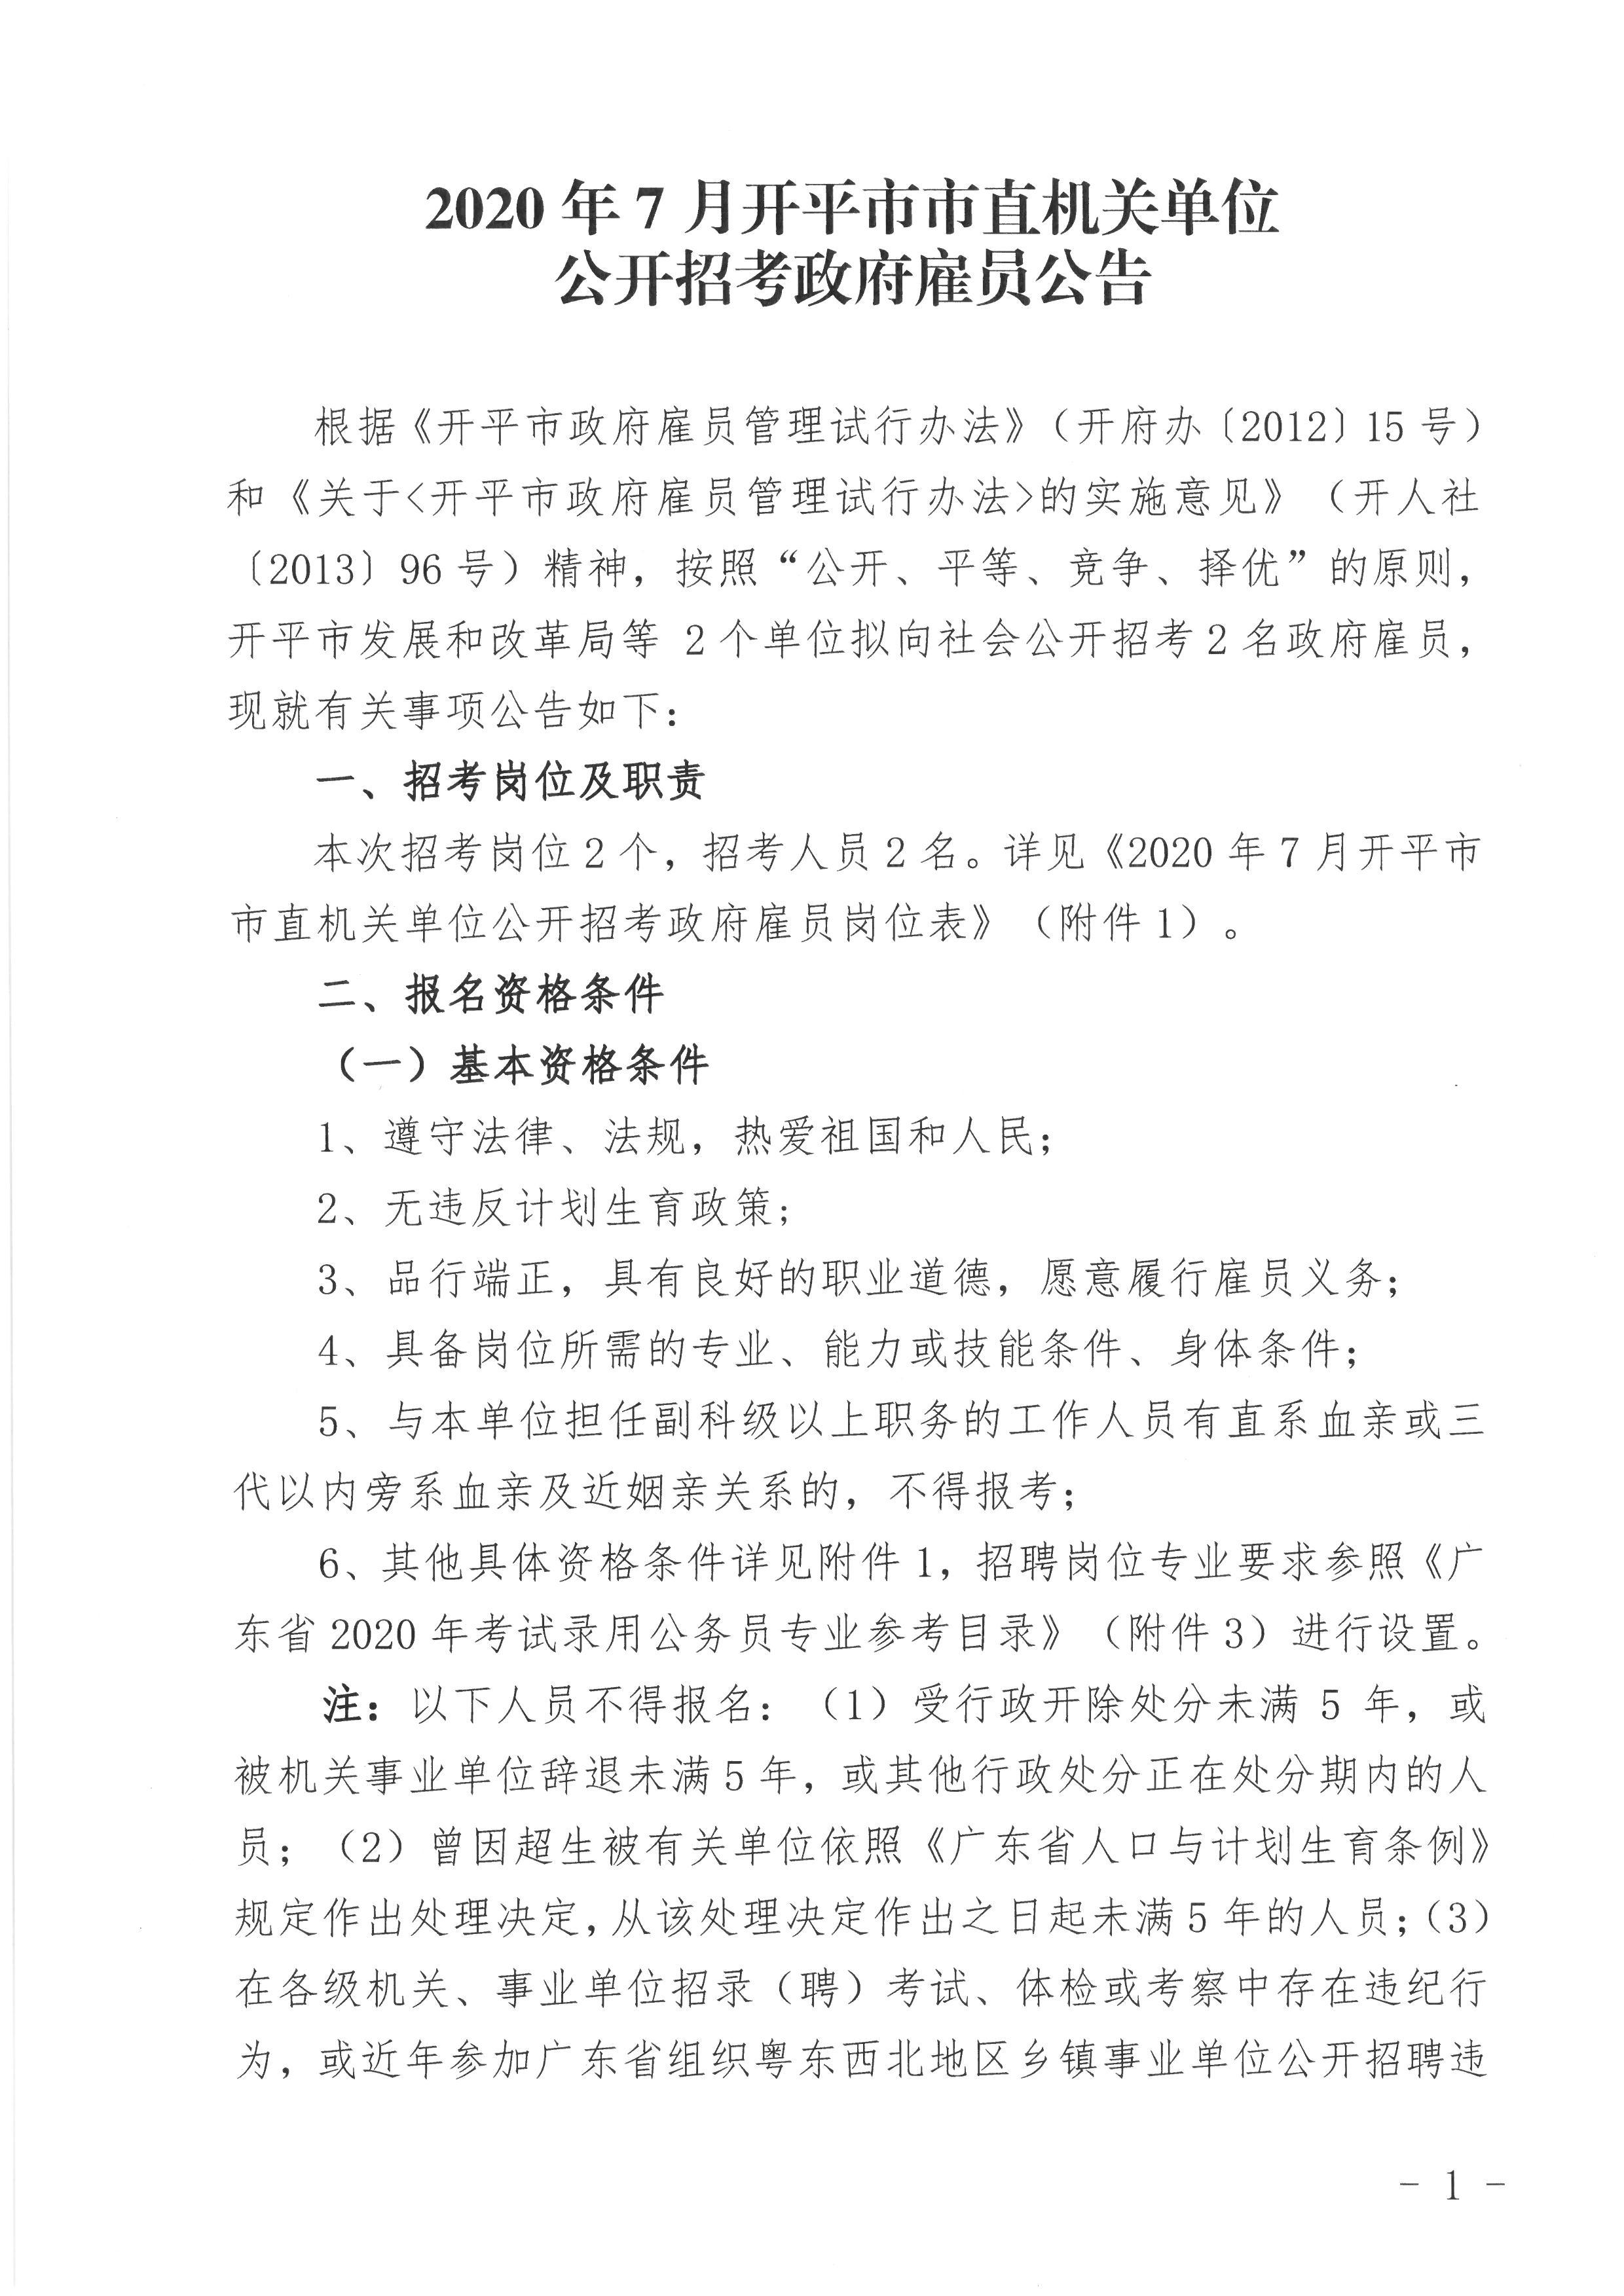 2020年三明市交通事业发展中心公开招聘工作人员报名表b.doc